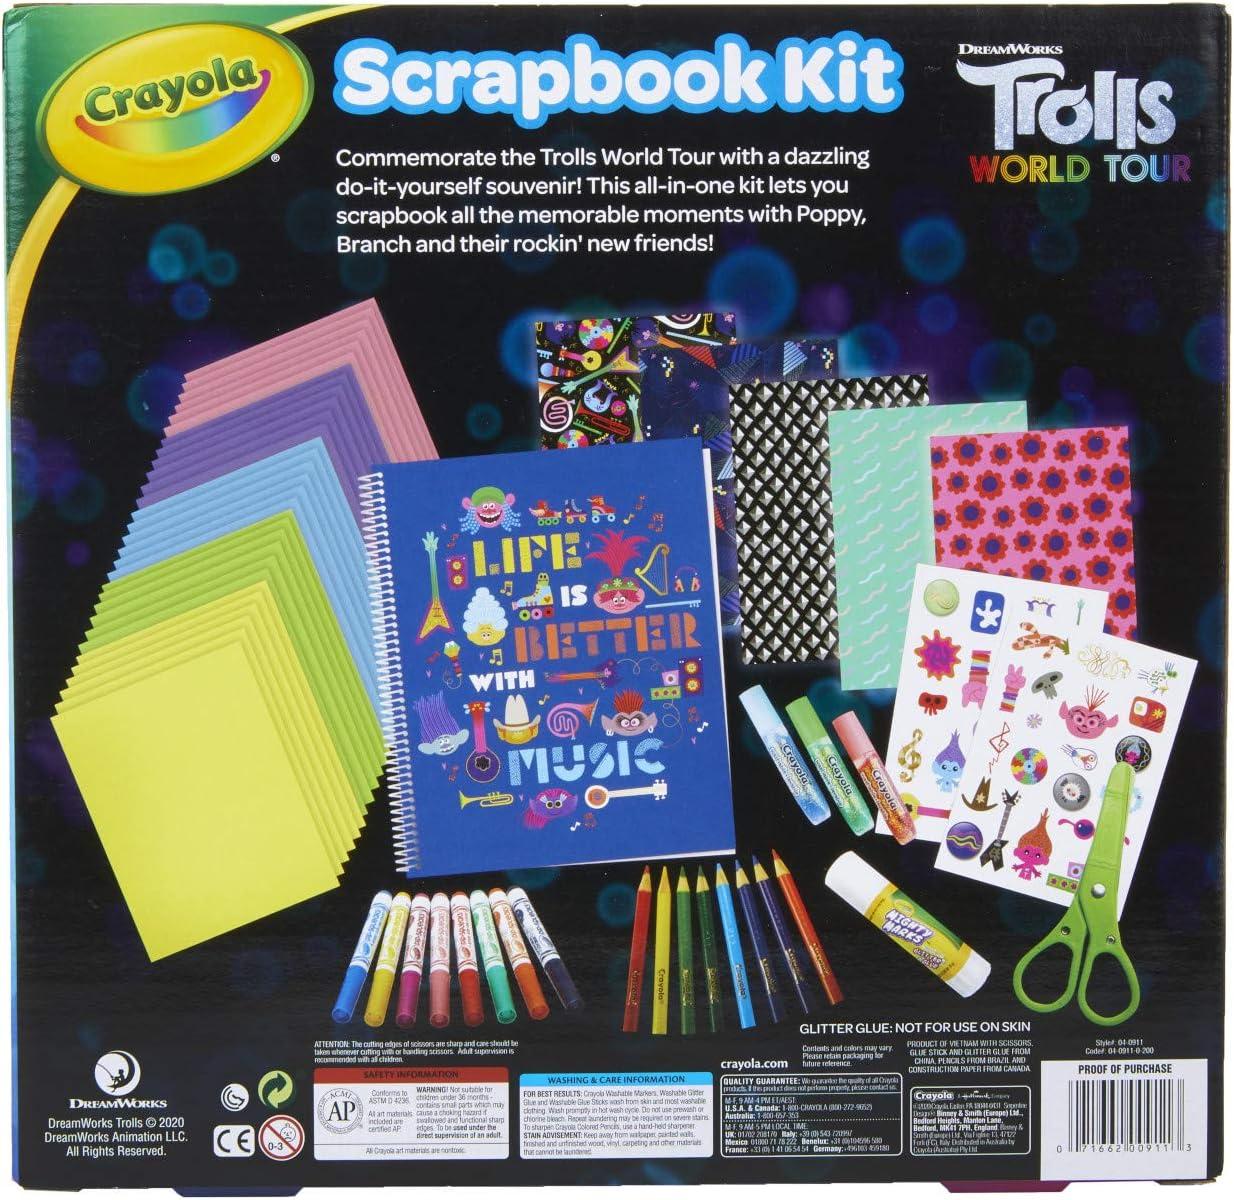 Over 60 Art Supplies 6 Gift for Kids Scrapbook Kit Trolls 2 Crayola Trolls World Tour 7 8 5